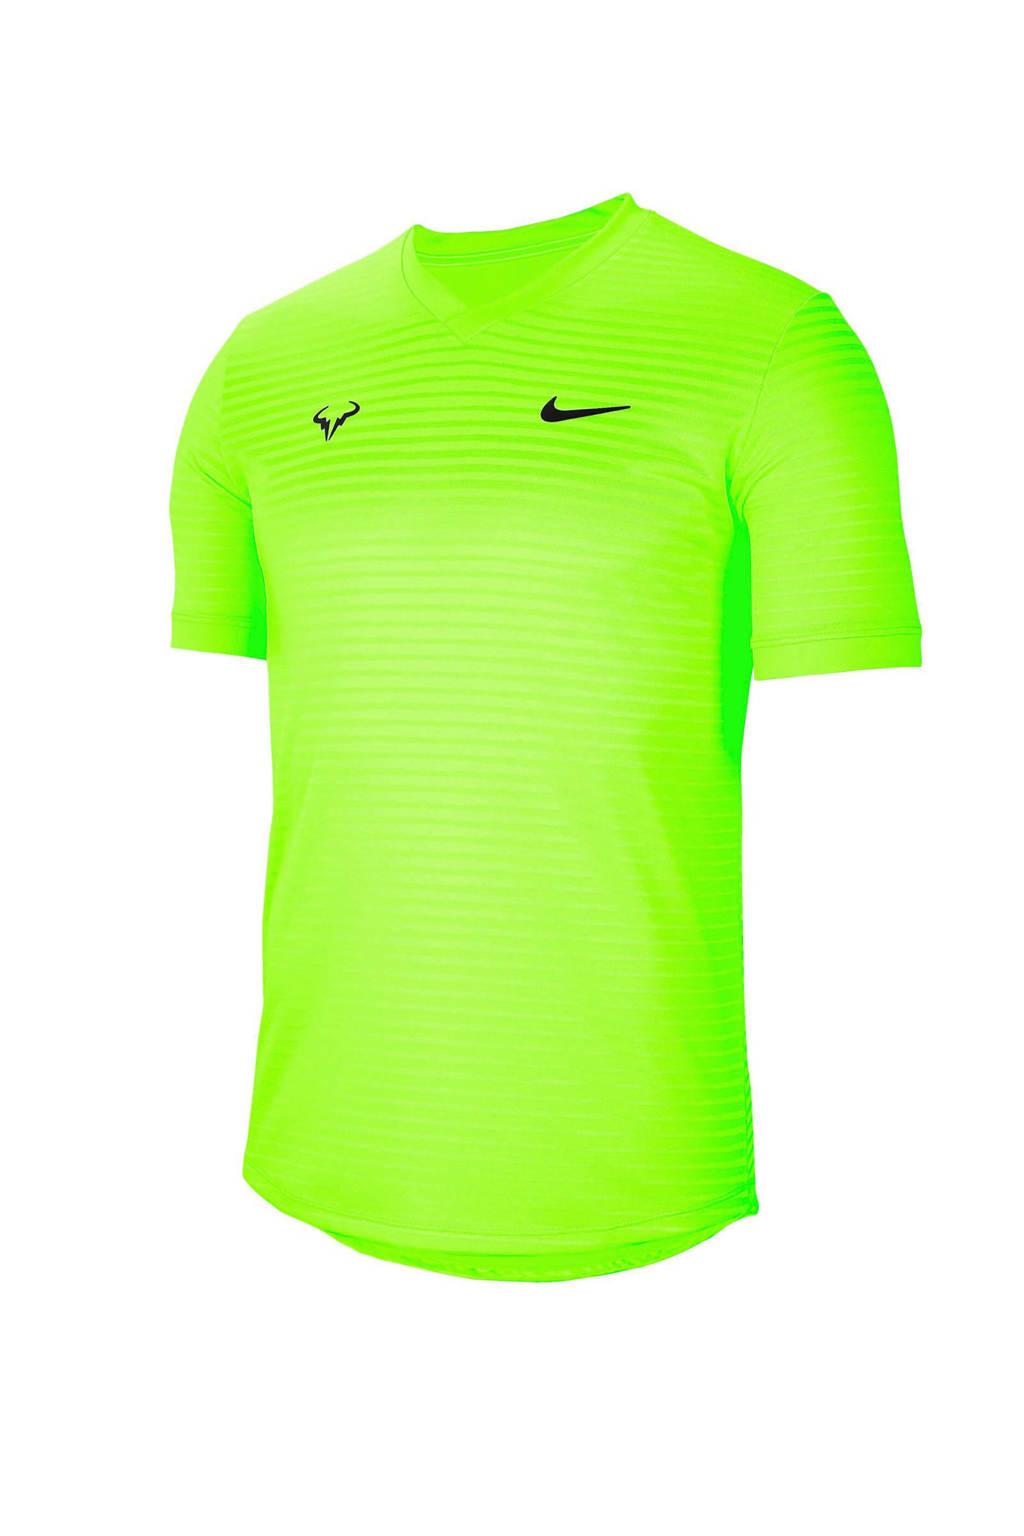 Nike   sport T-shirt limegroen, Limegroen